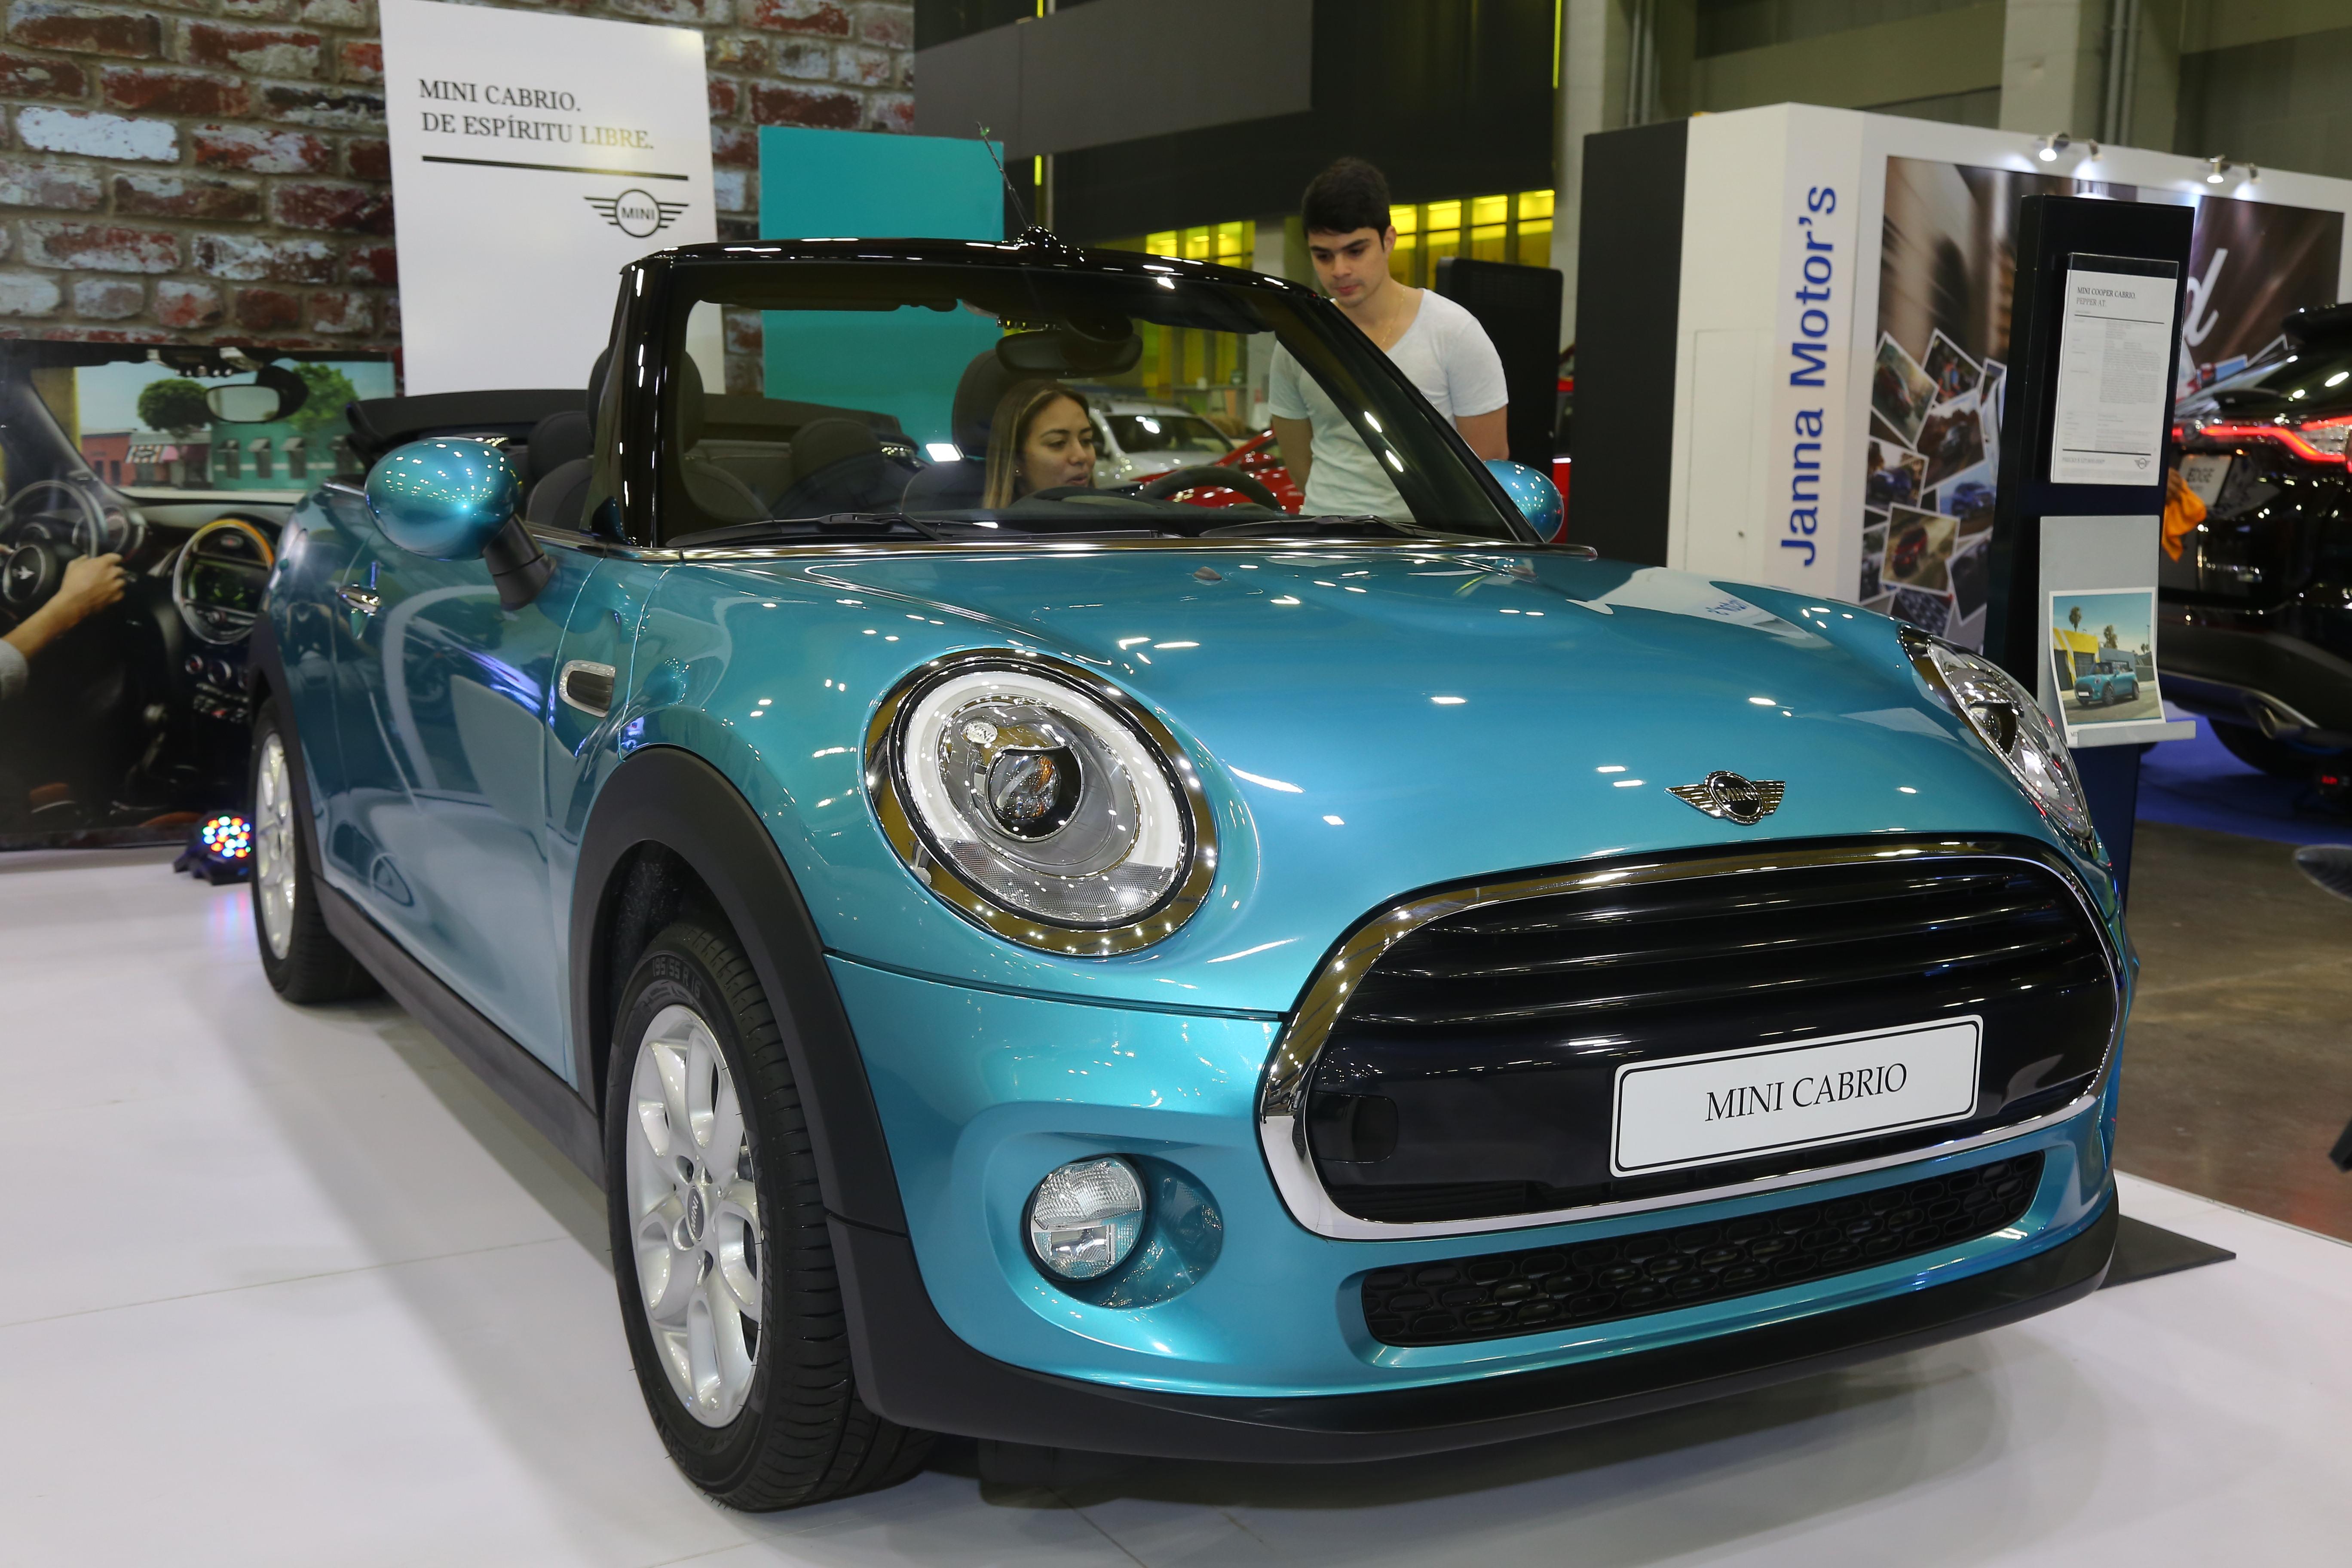 Visitantes observan el Mini Cooper Cabrio, vehículo de lujo exhibido en la Feria automotriz.